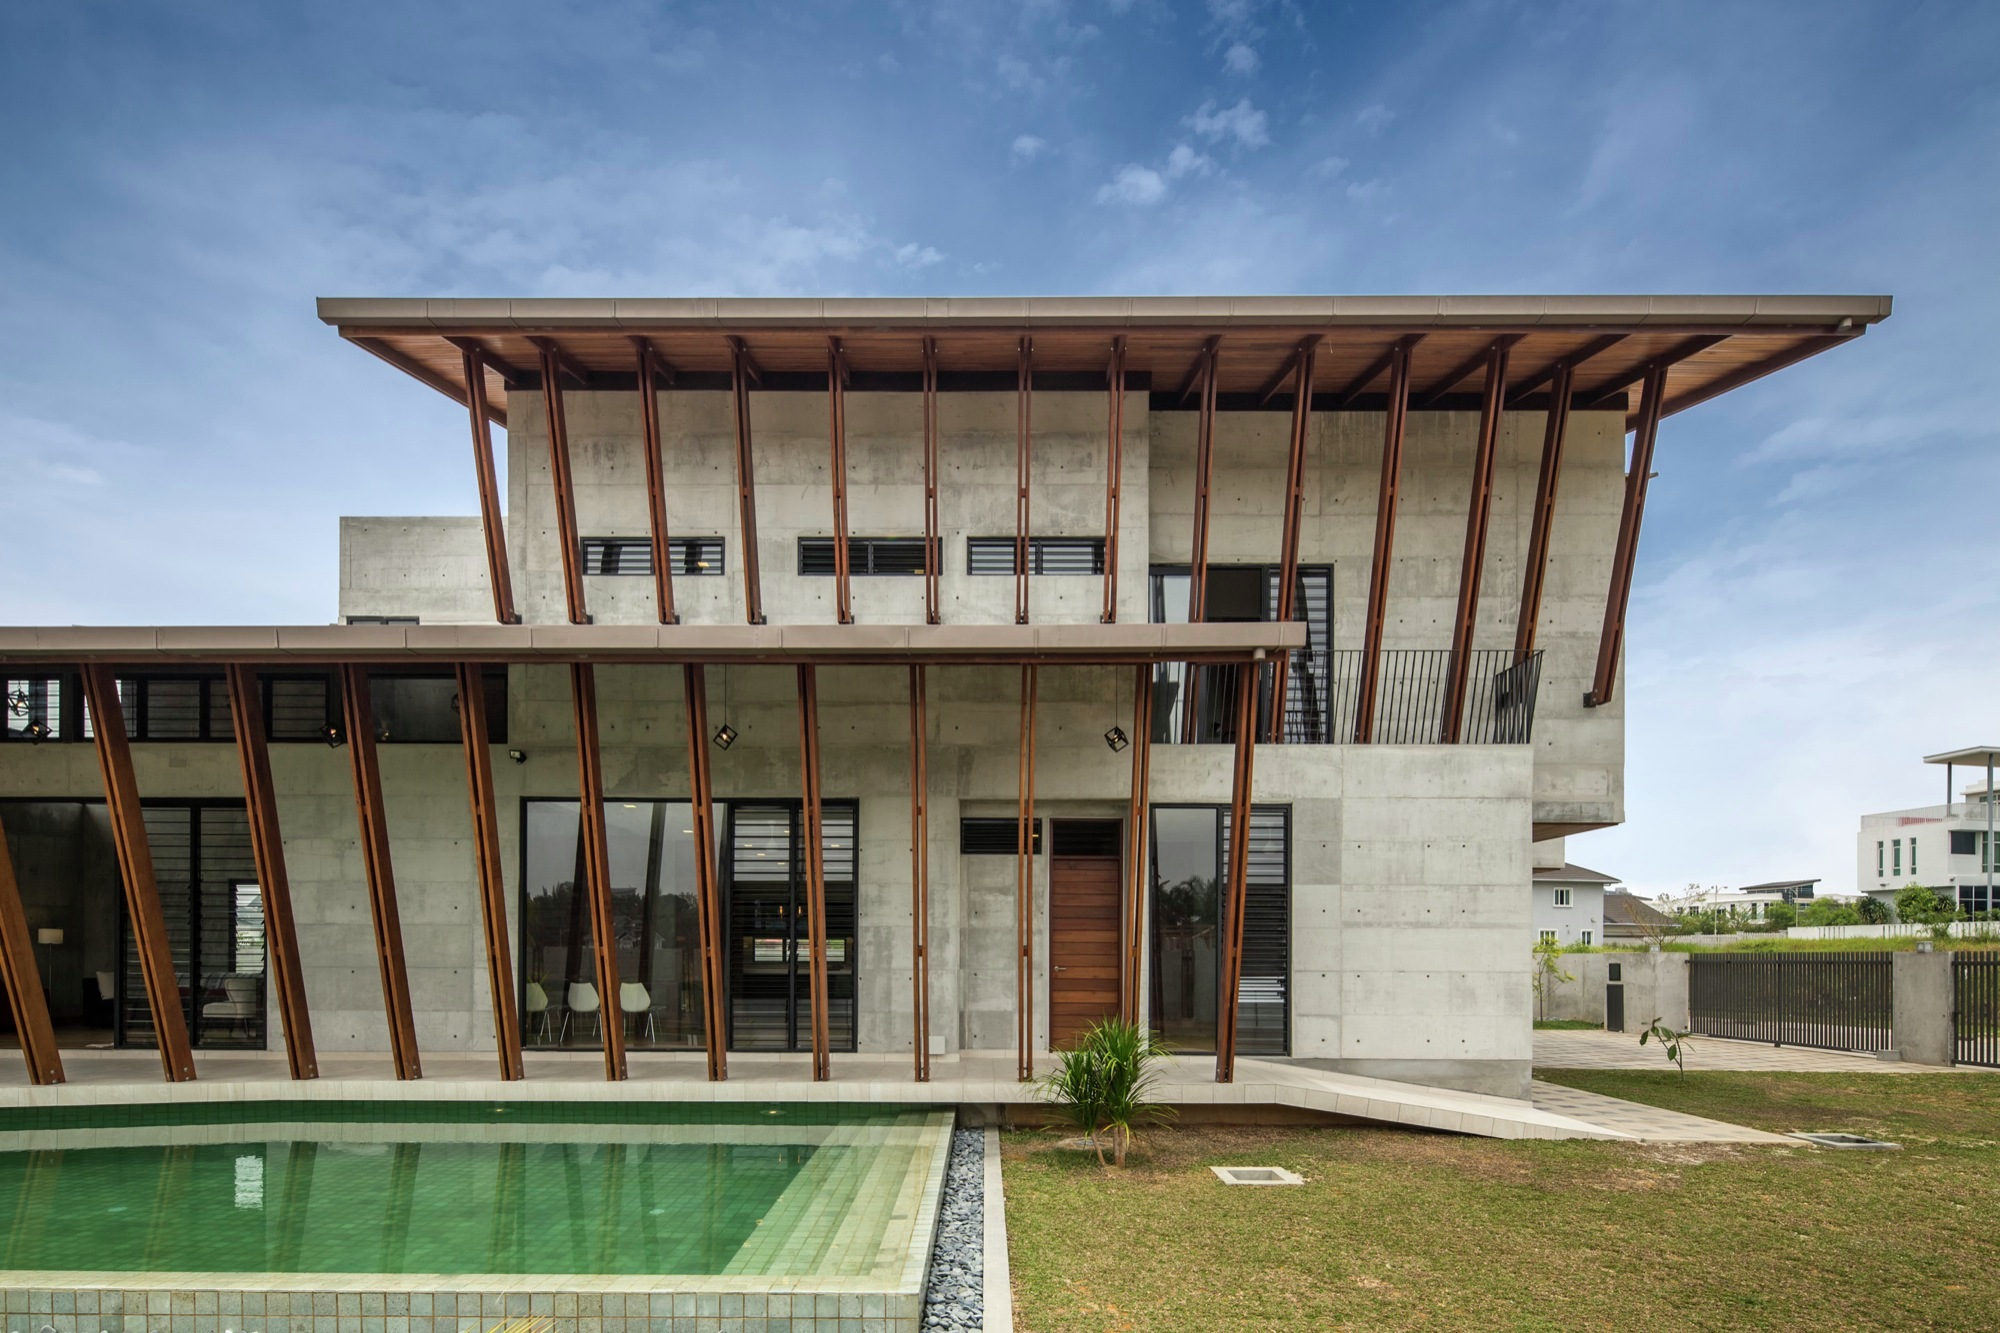 Casa Sepang Eleena Jamil Architect Archdaily Brasil